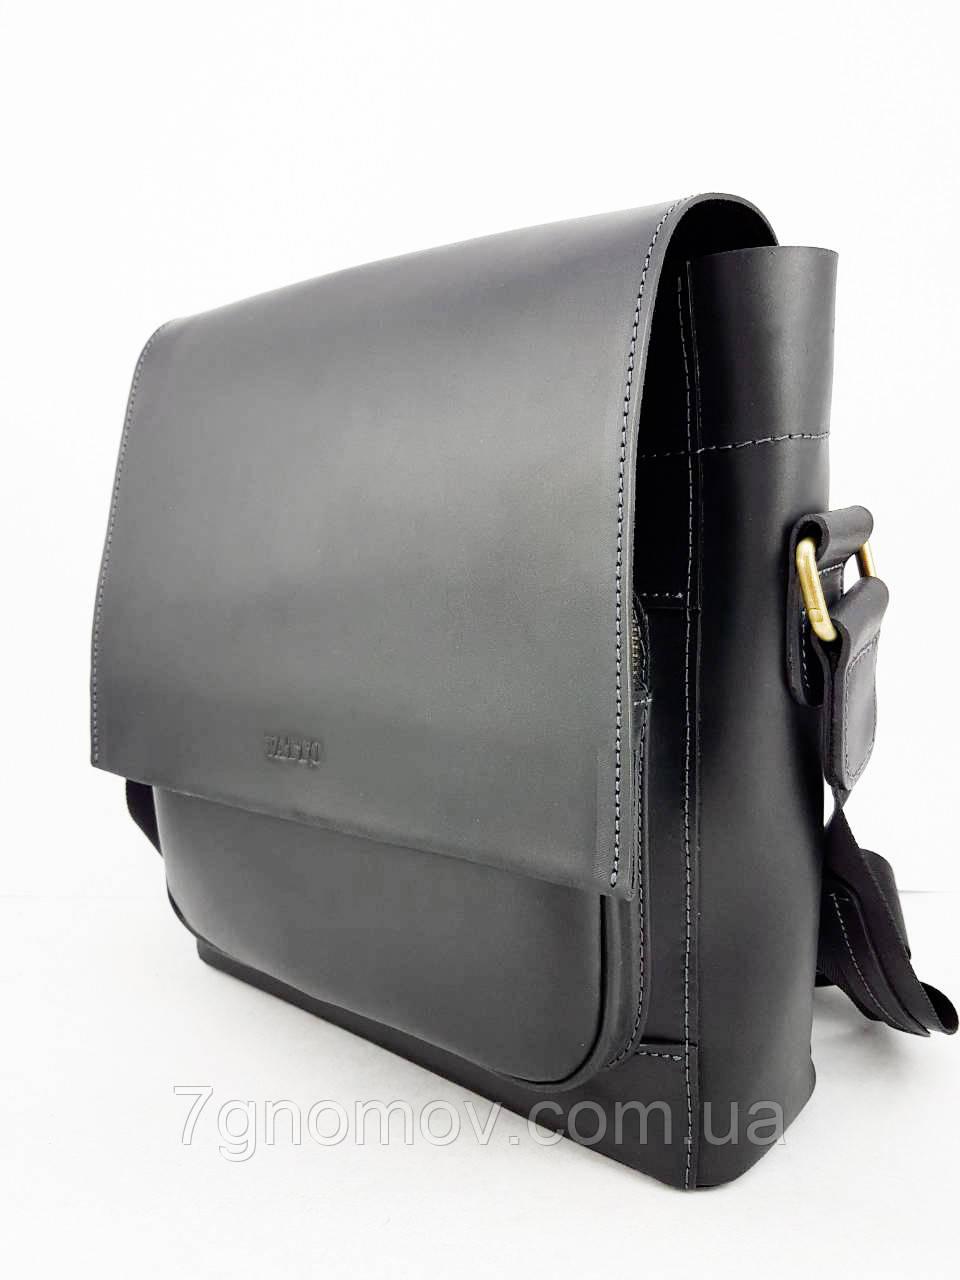 Мужская сумка VATTO Mk6.5 Kr670